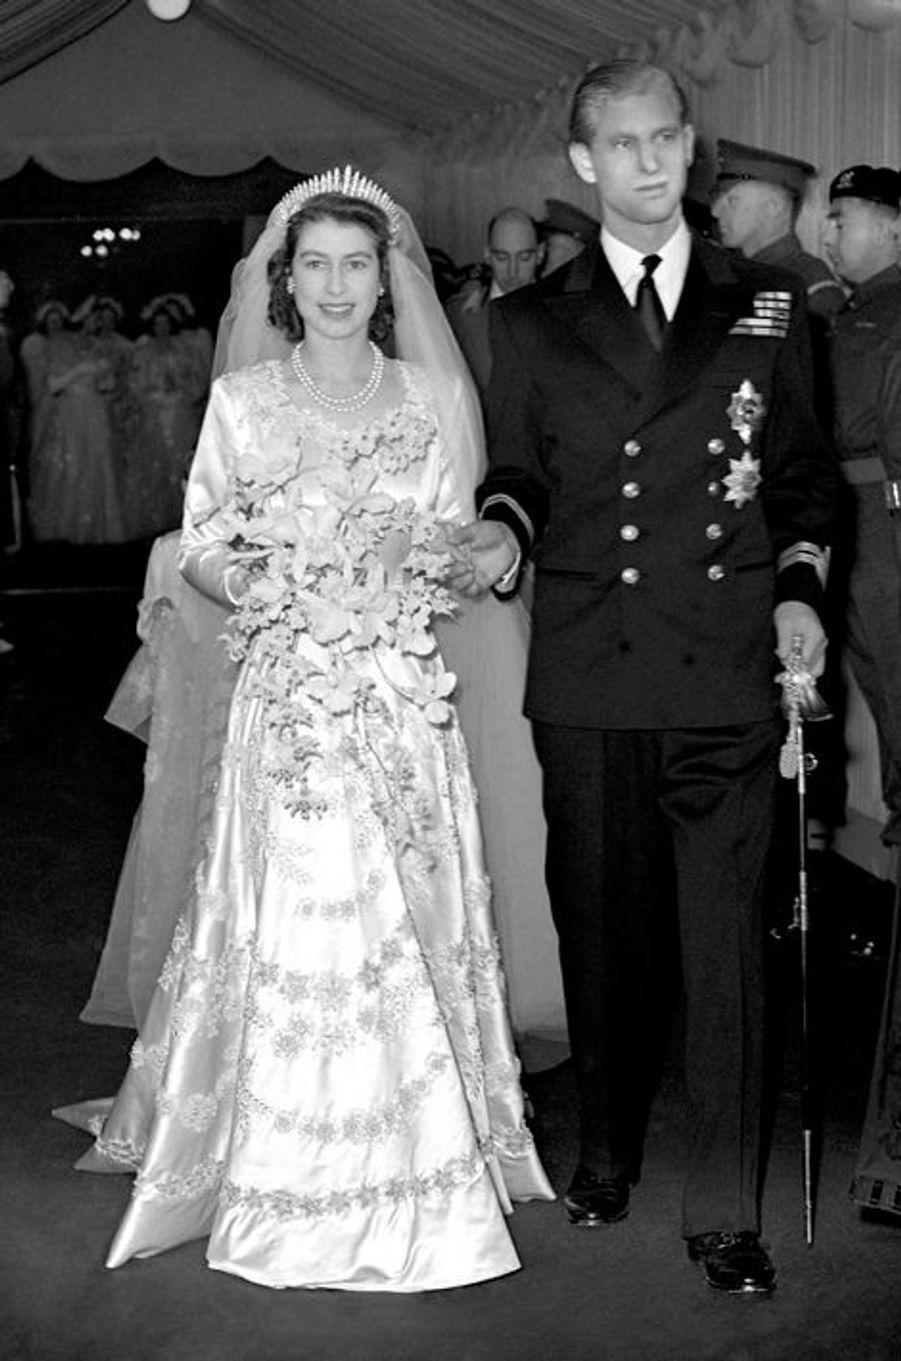 La princesse Elizabeth et le prince Philip le jour de leur mariage, le 20 novembre 1947